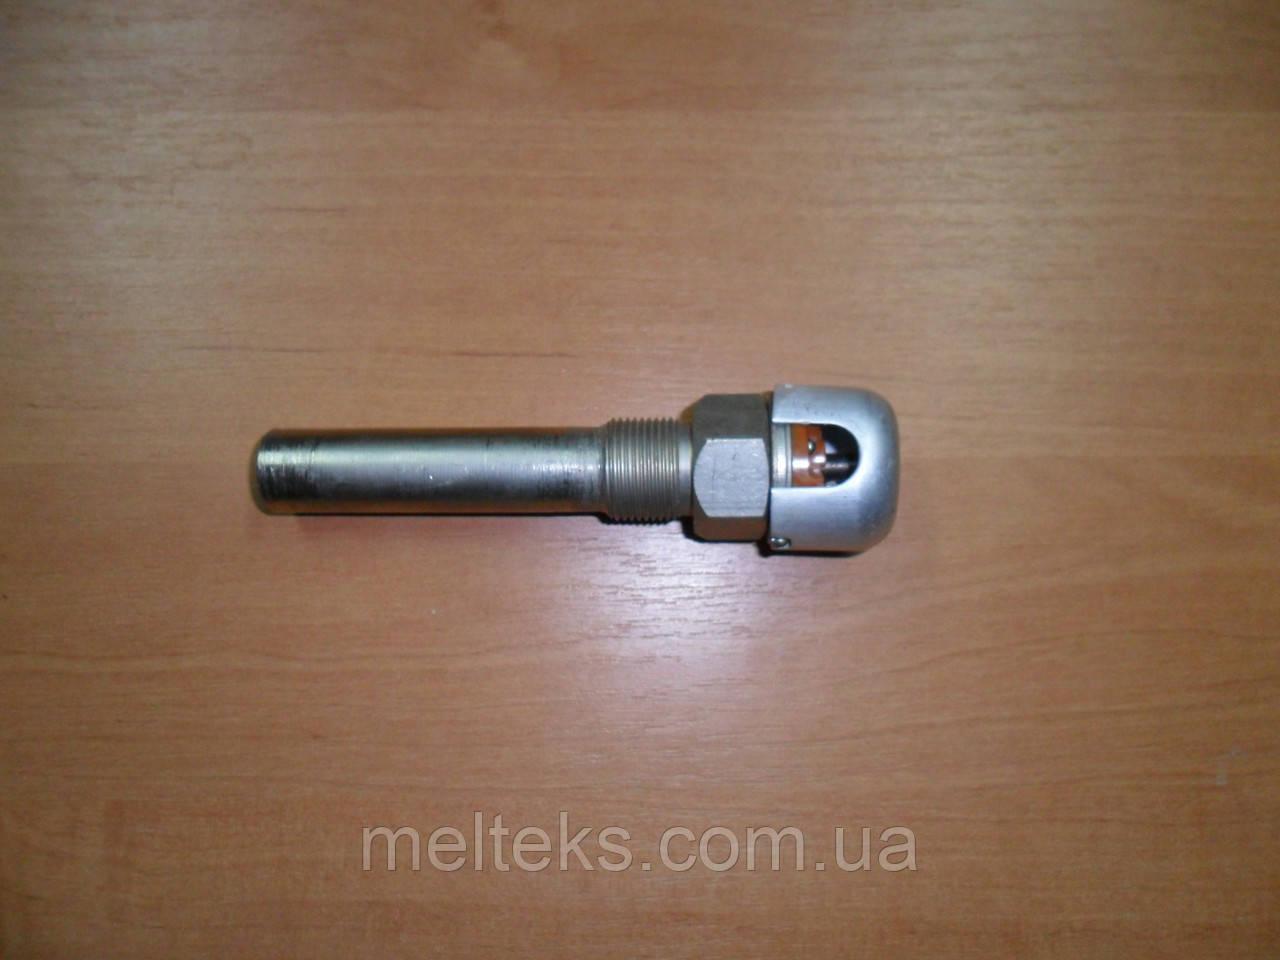 Терморегулятор ТР-200М М4 ТР-200 УХЛ4